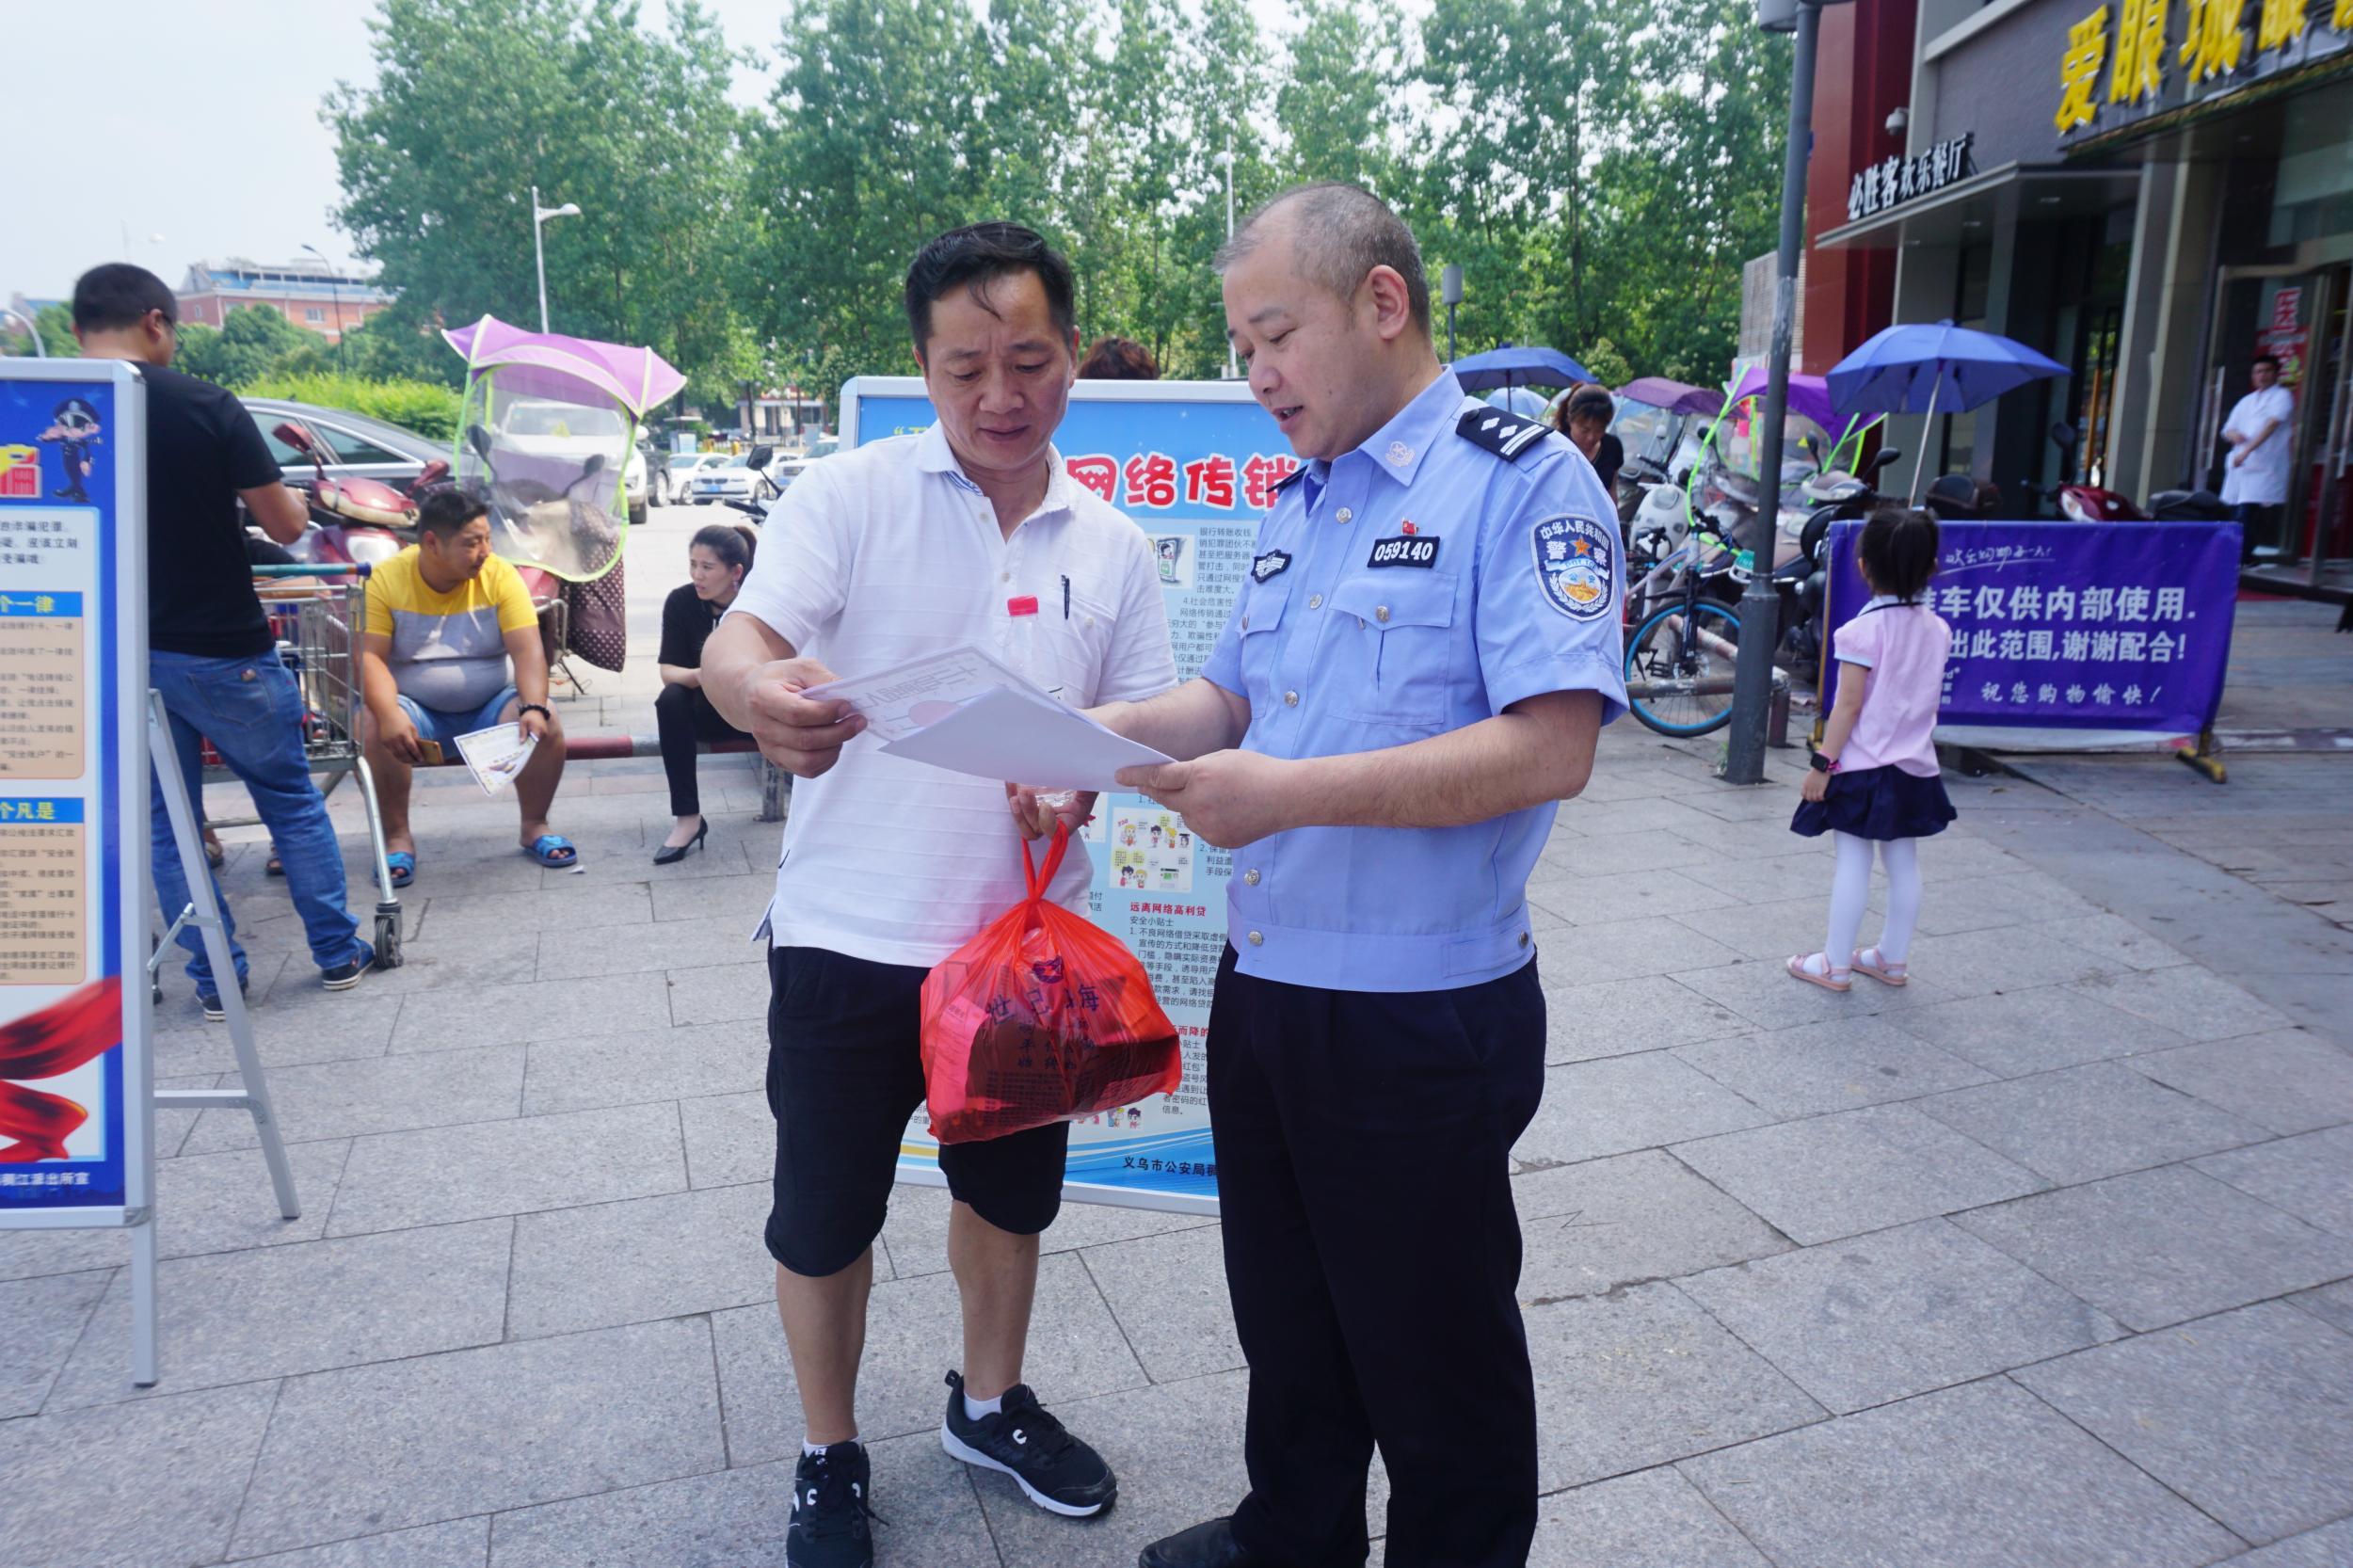 第十二期 义乌市公安局消防分局谈消防工作